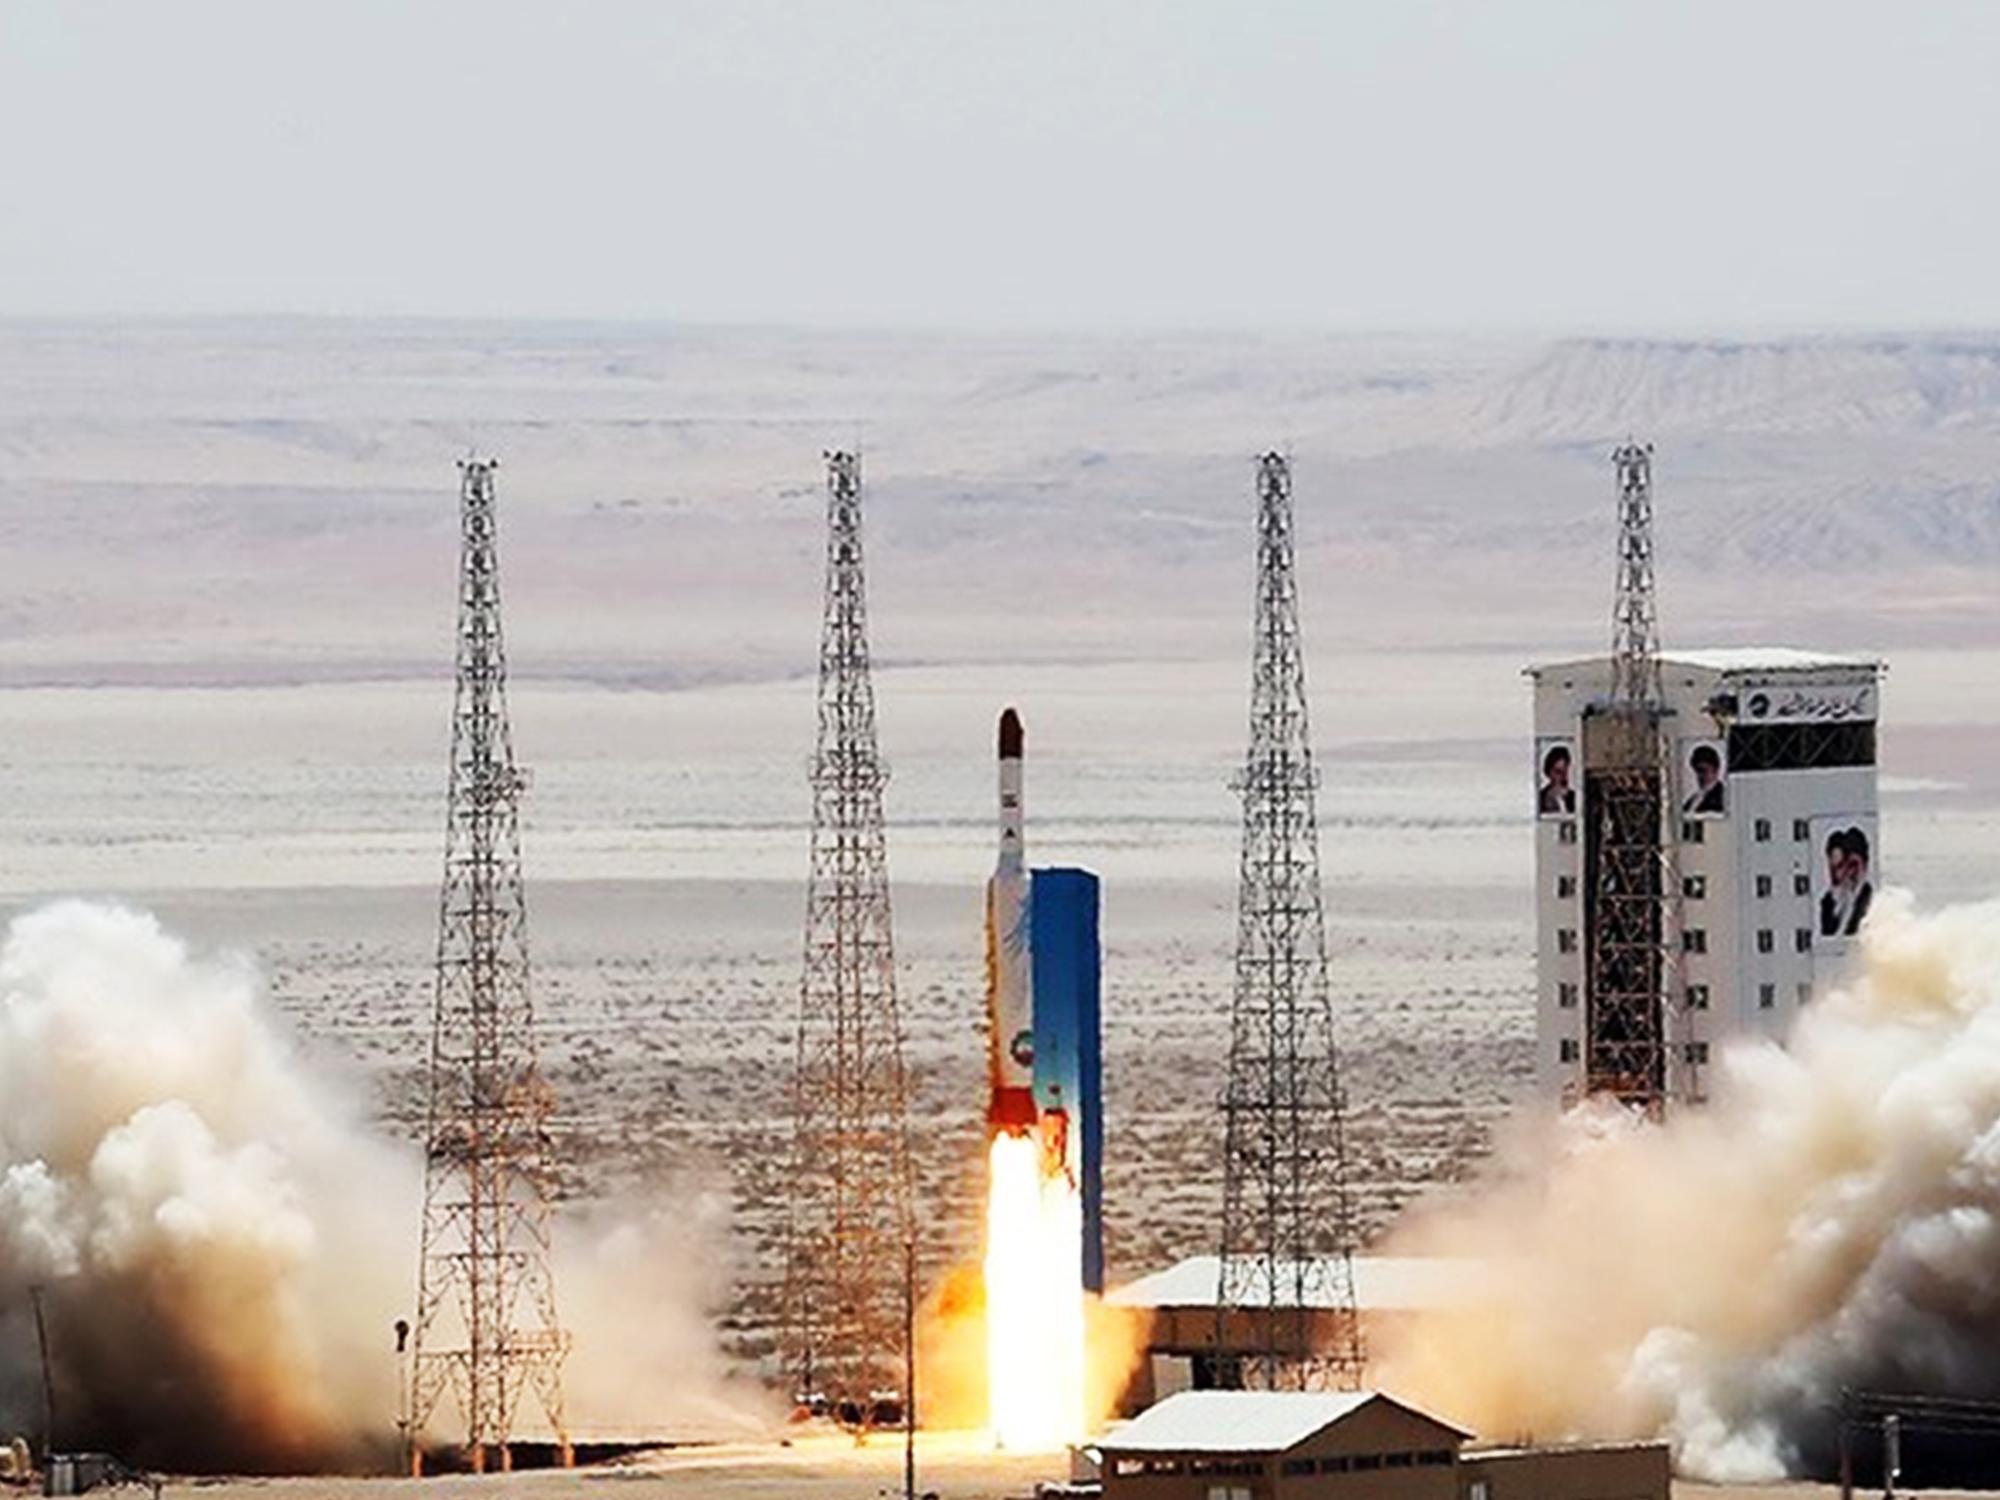 مشکل ماهوارهی پیام امیرکبیر چه بود؟